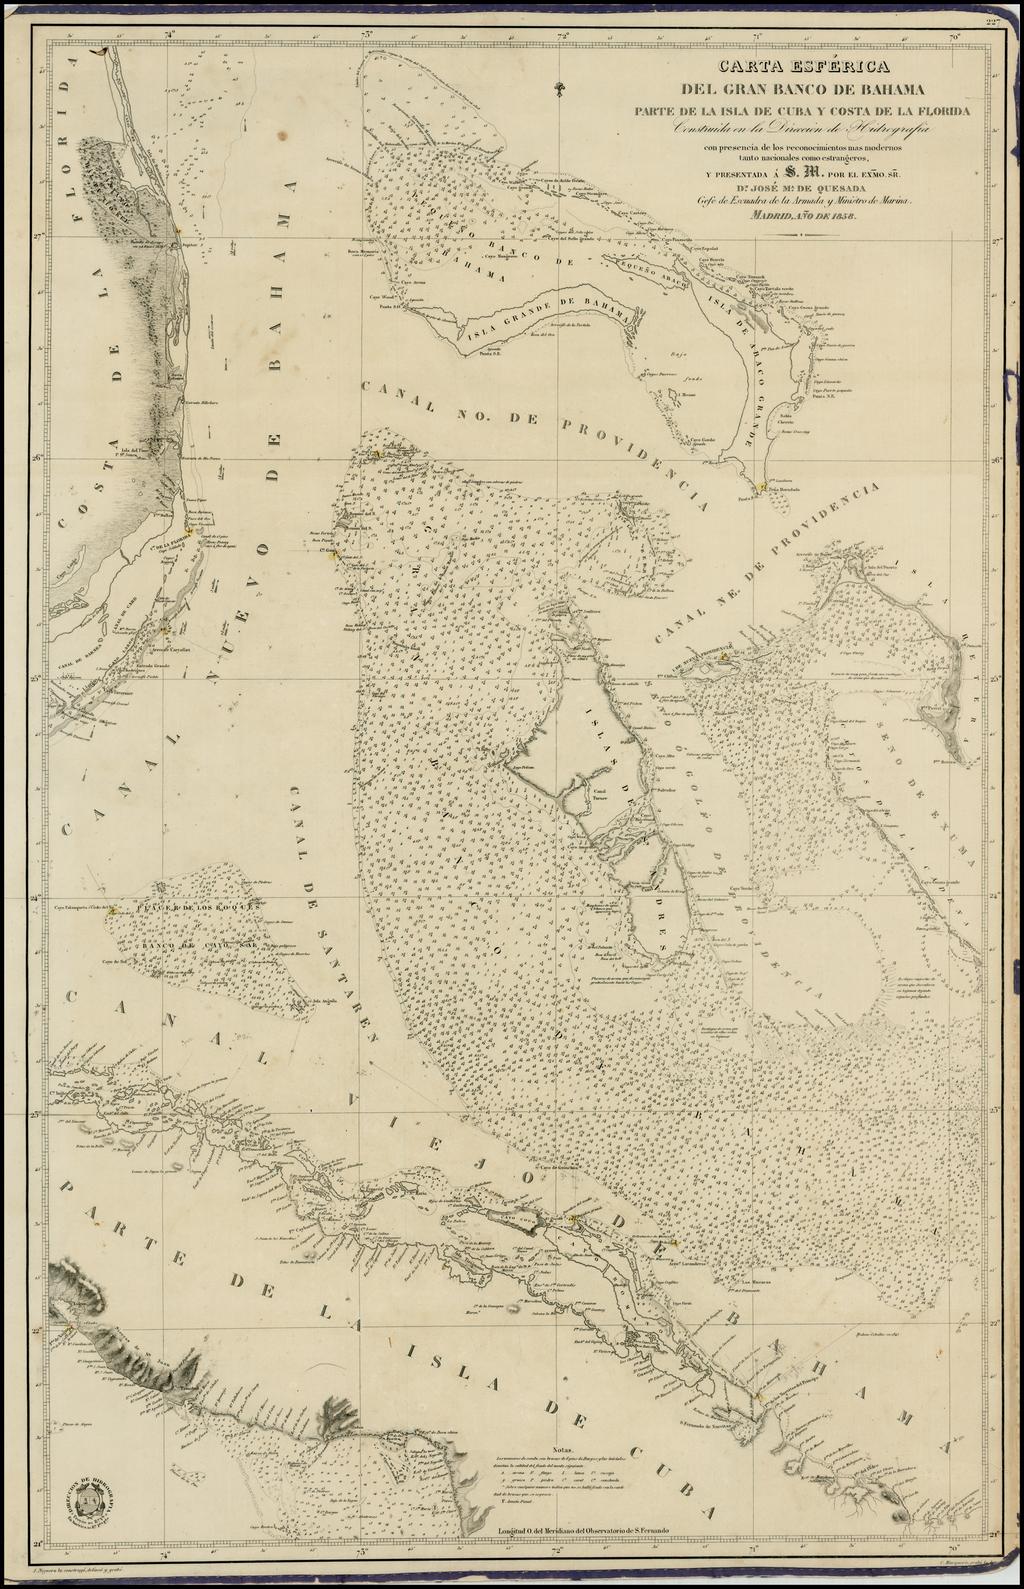 Carta Esferica Del Gran Banco de Bahama Parte de la Isla de Cuba y Costa de Florida . . . 1858 By Direccion Hidrografica de Madrid